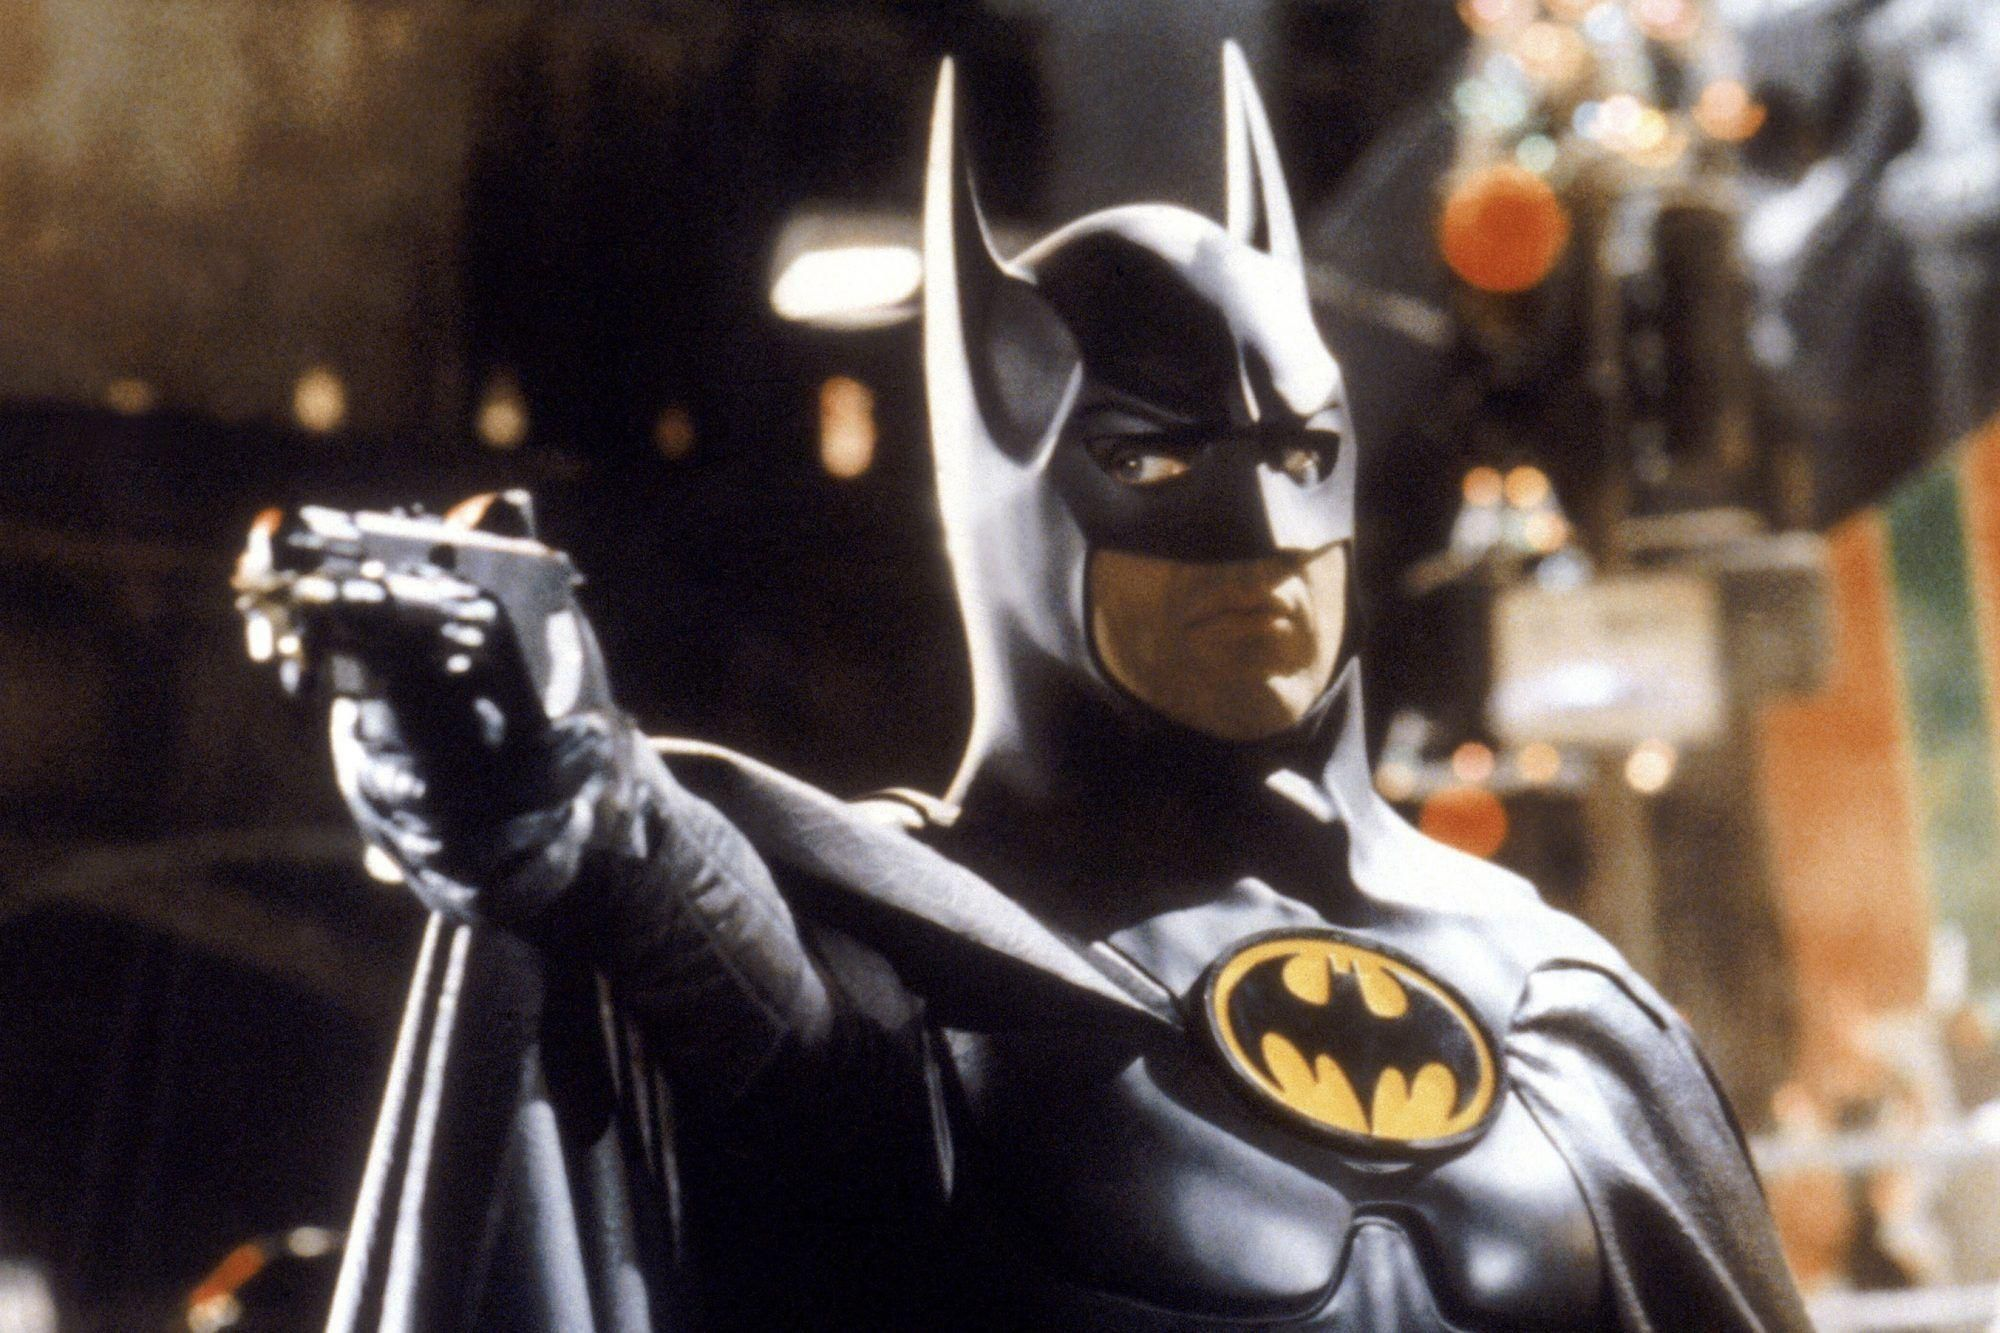 'The Flash' khởi quay với Michael Keaton trong vai Batman Ảnh 1